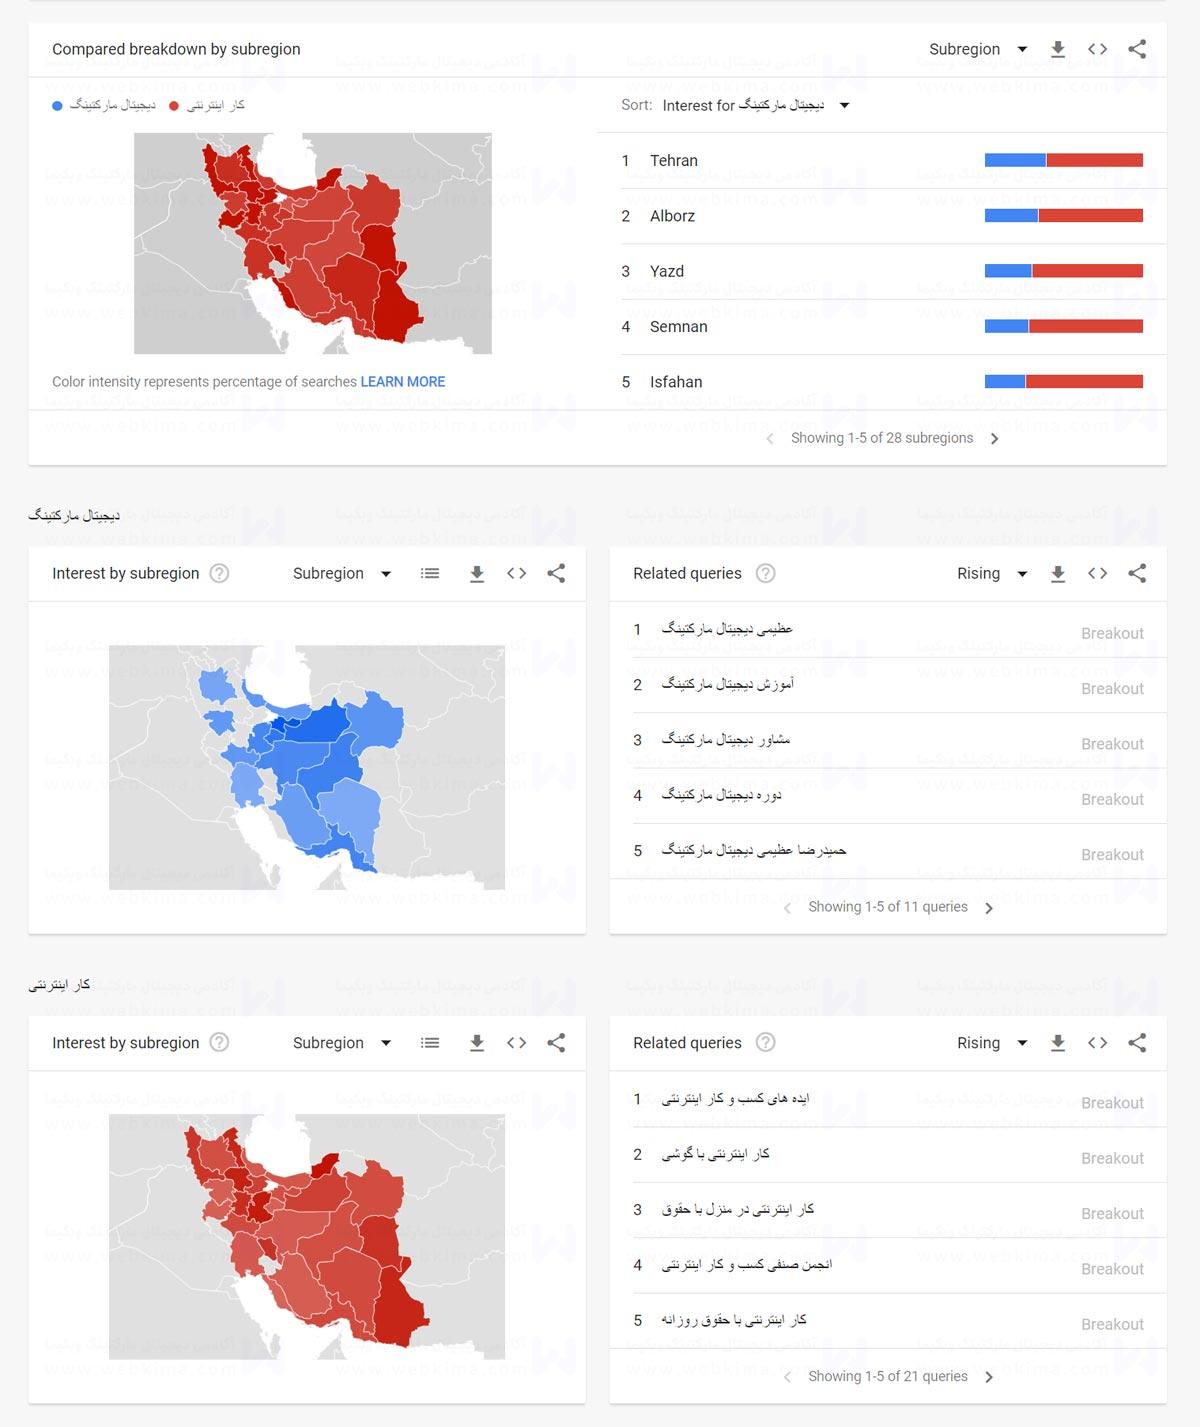 آموزش گوگل ترندز - ویژگی Interest By Subregion در ابزار گوگل ترندز